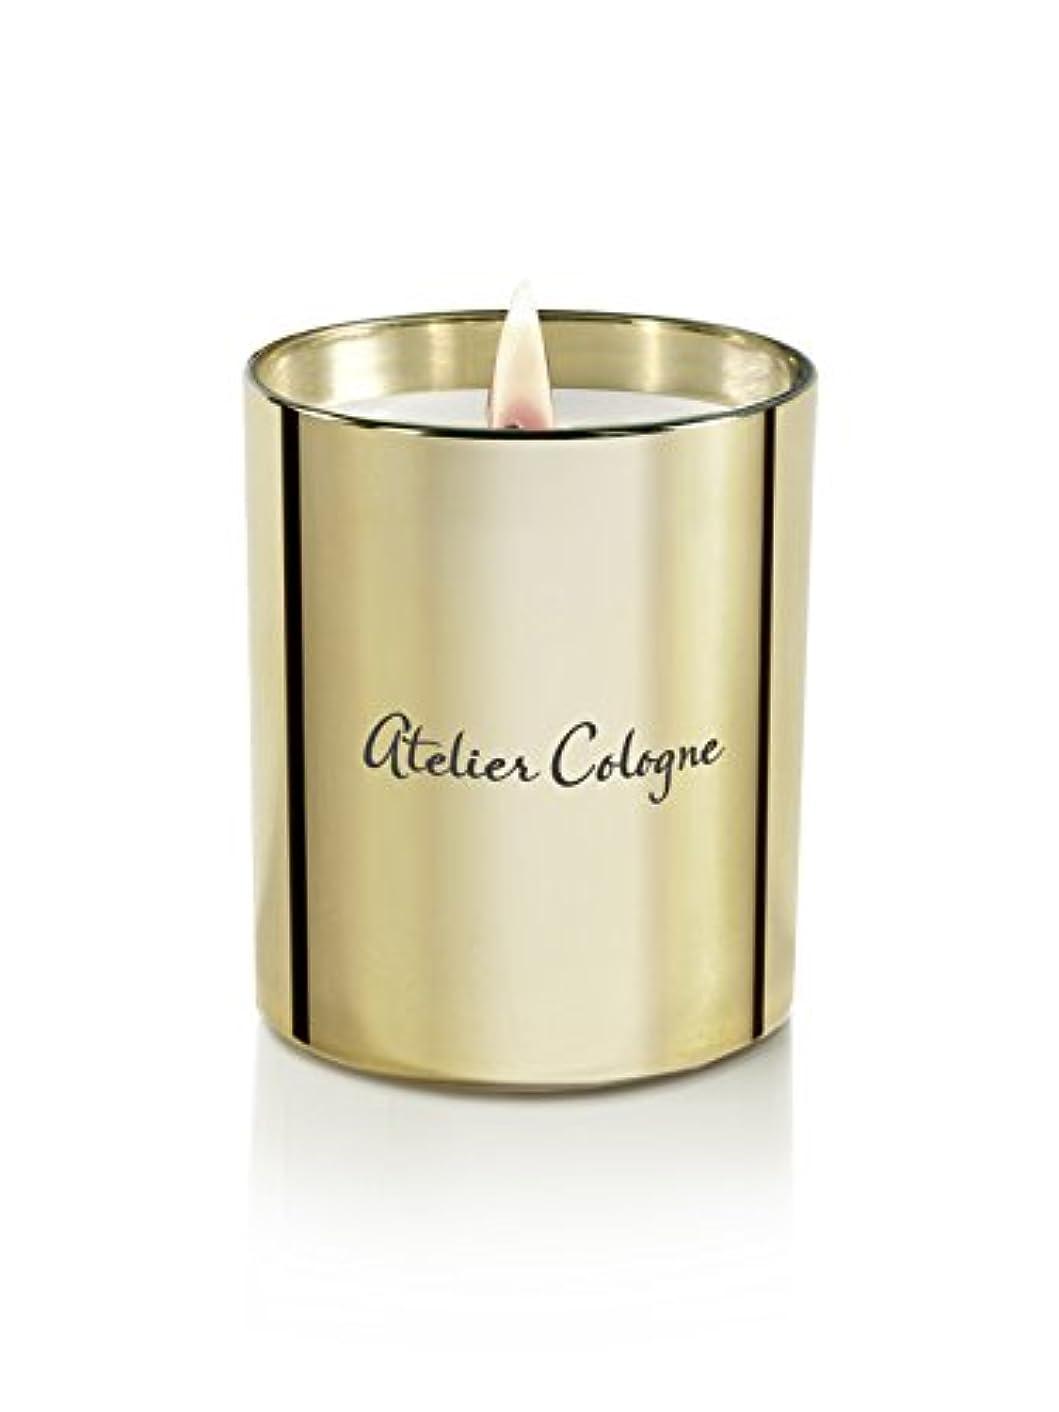 狂ったうまくやる()醜いアトリエコロン Bougie Candle - Gold Leather 190g/6.7oz並行輸入品